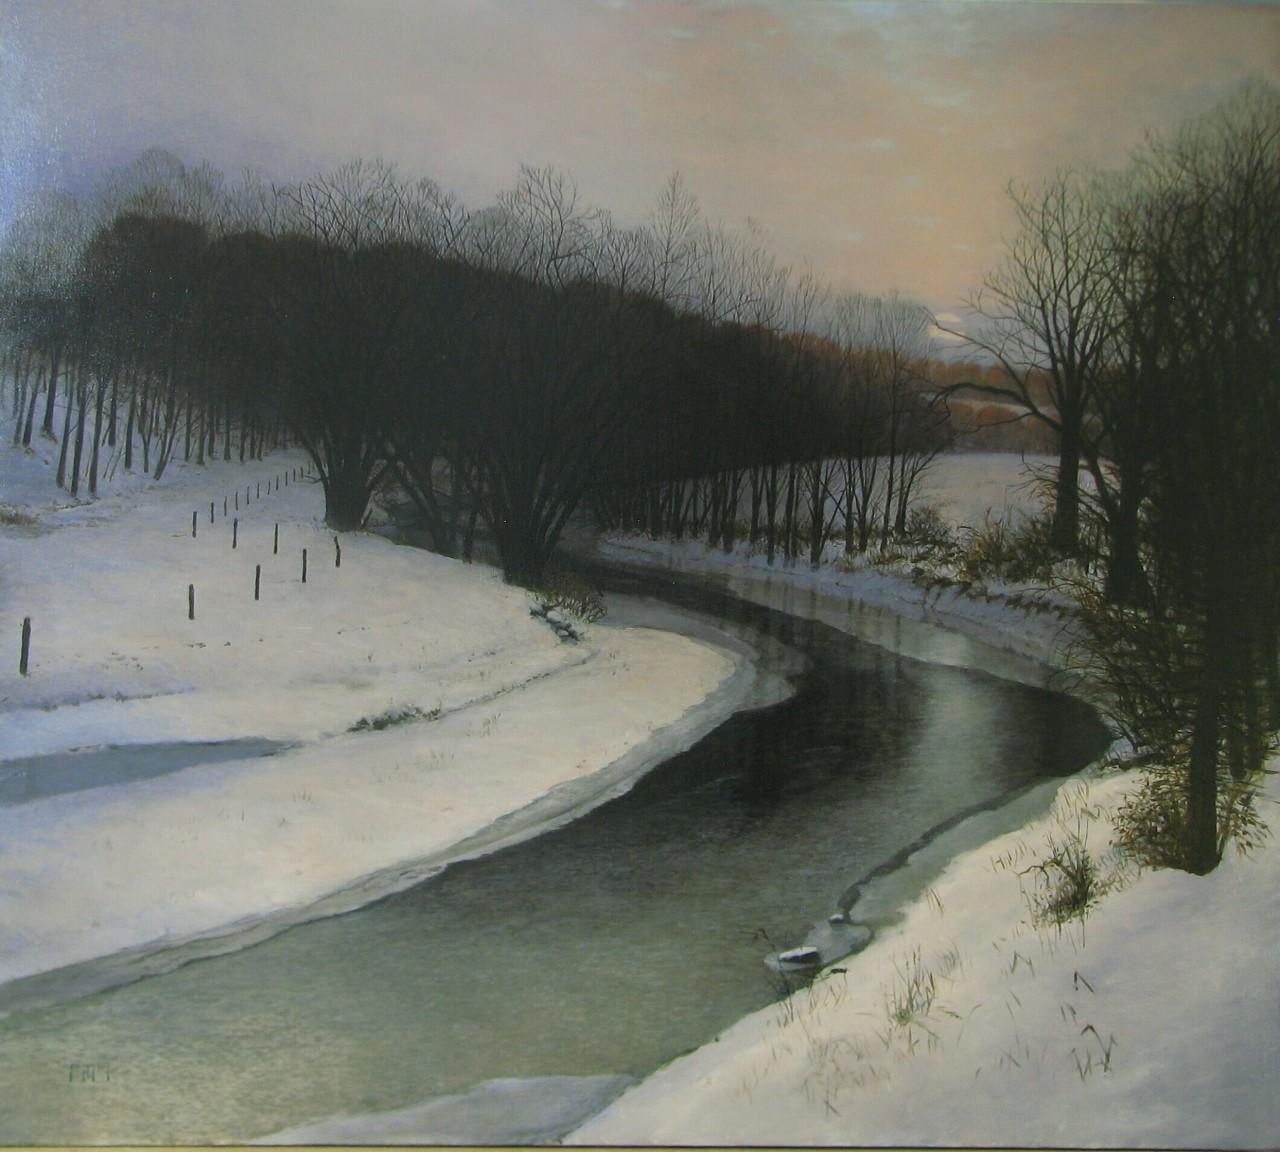 Paul W. Flury - Blue Moon No. 2